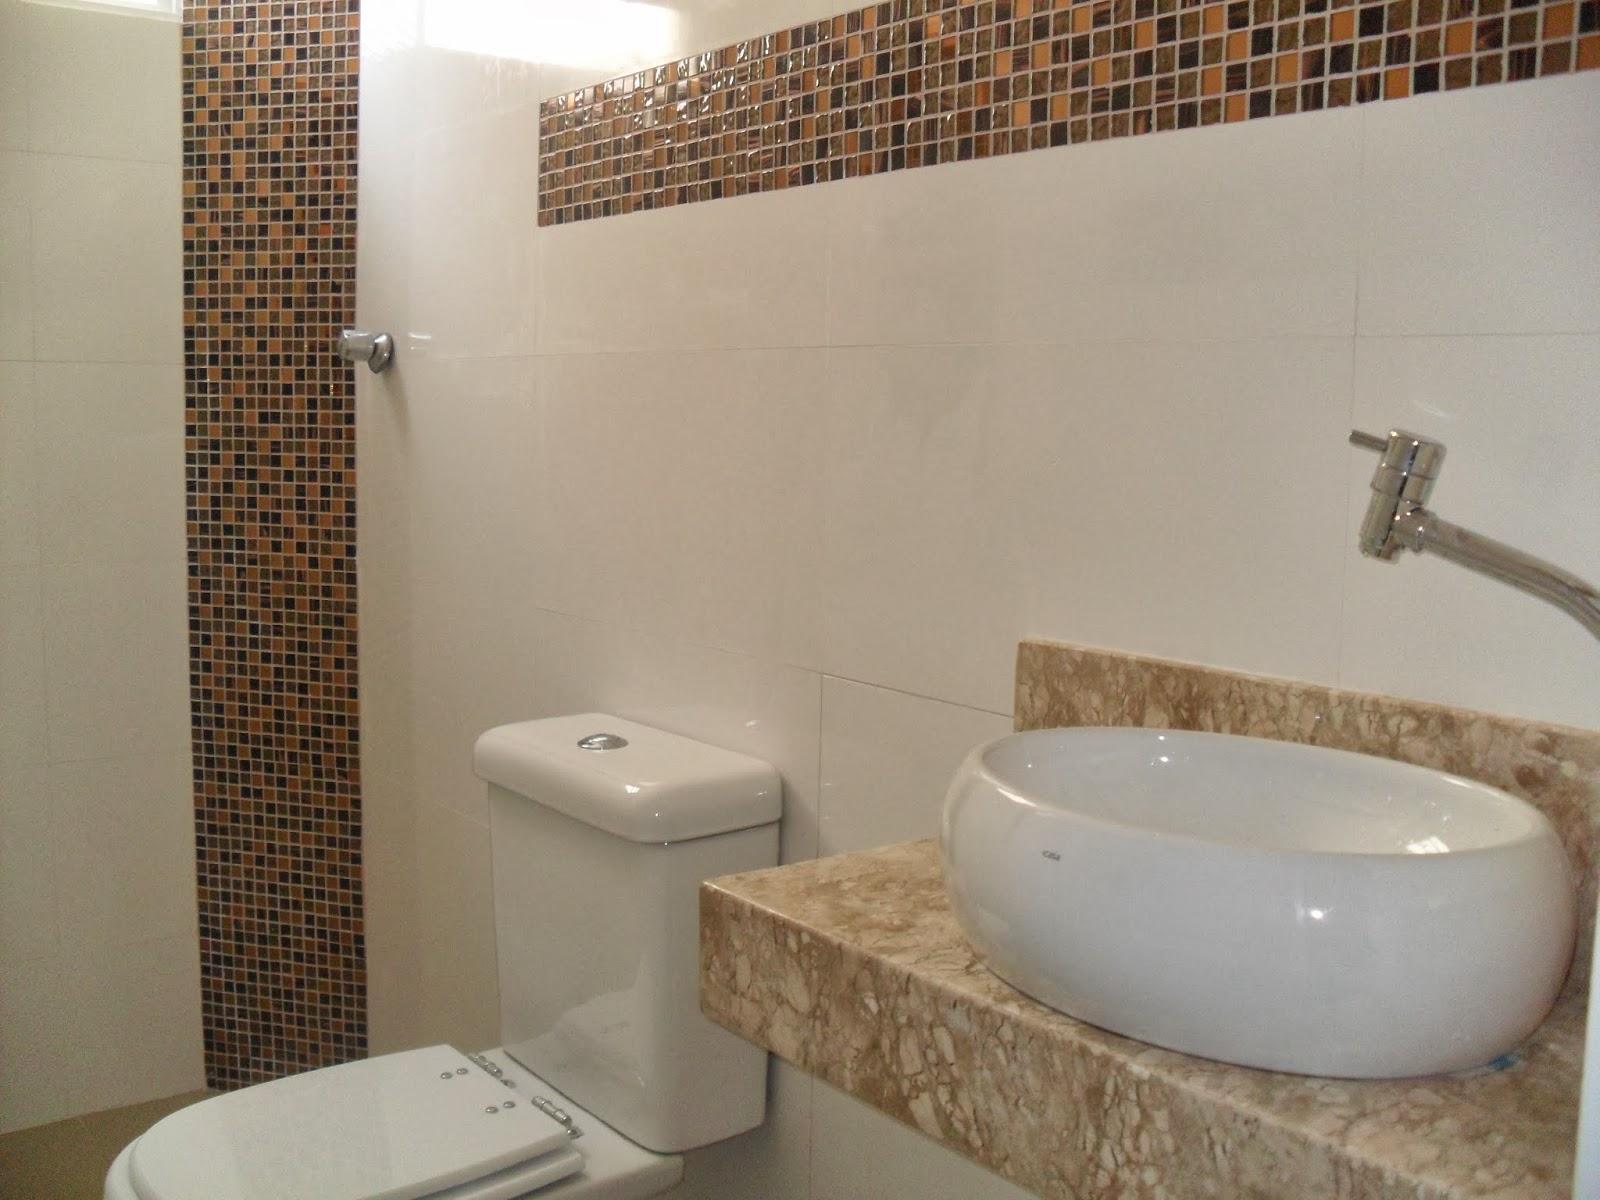 fotos de banheiro pastilhas de vidro vermelha verde preta Car Tuning #90613B 1600x1200 Banheiro Bege Fotos